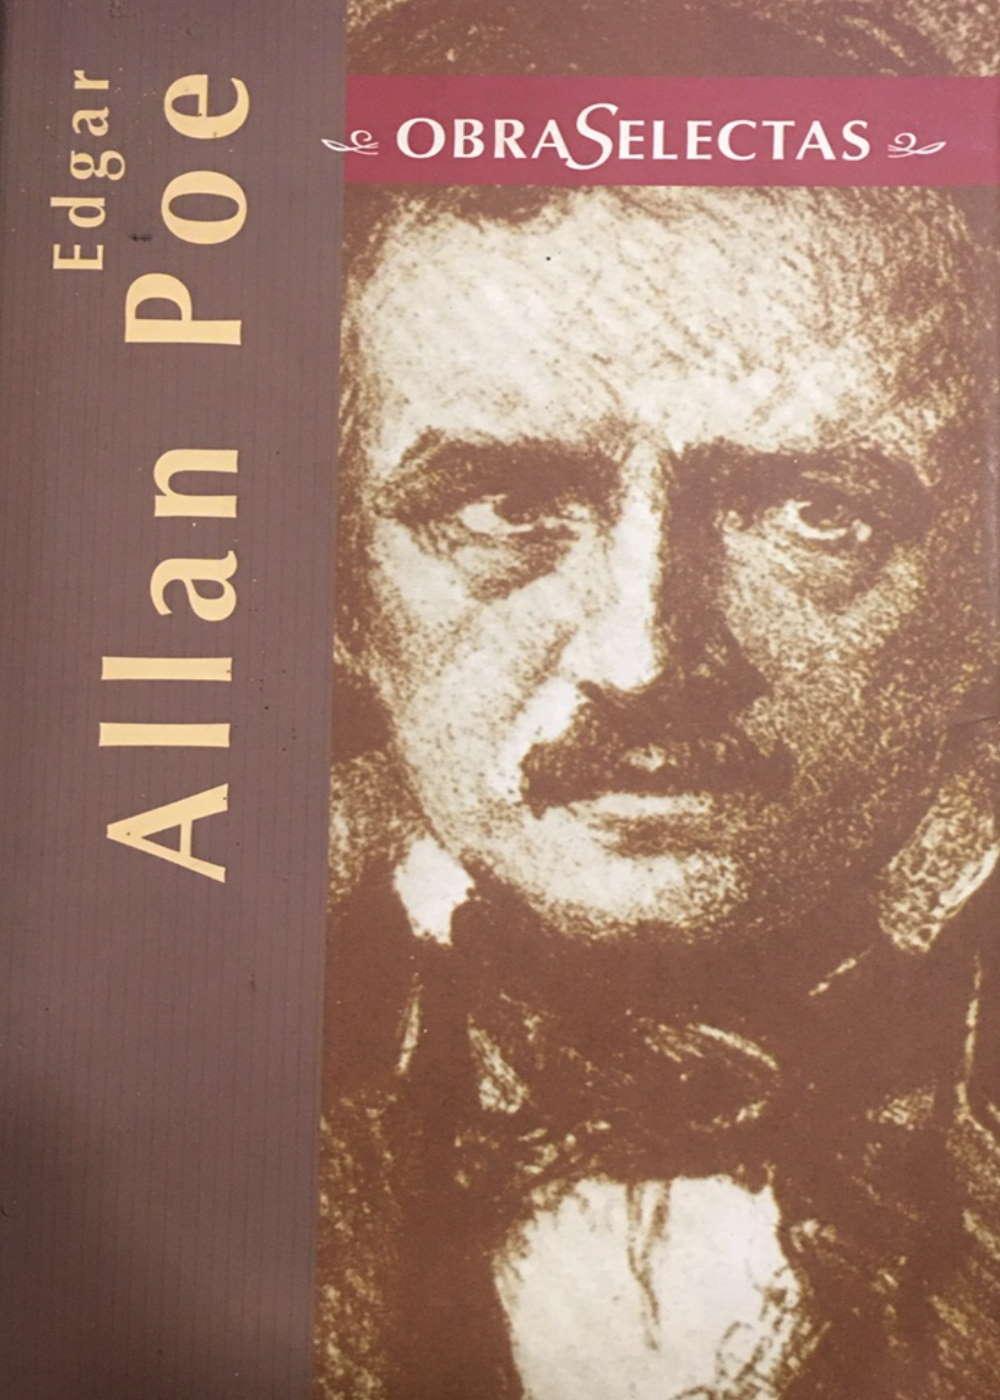 Obra Selectas. Edgar Allan Poe